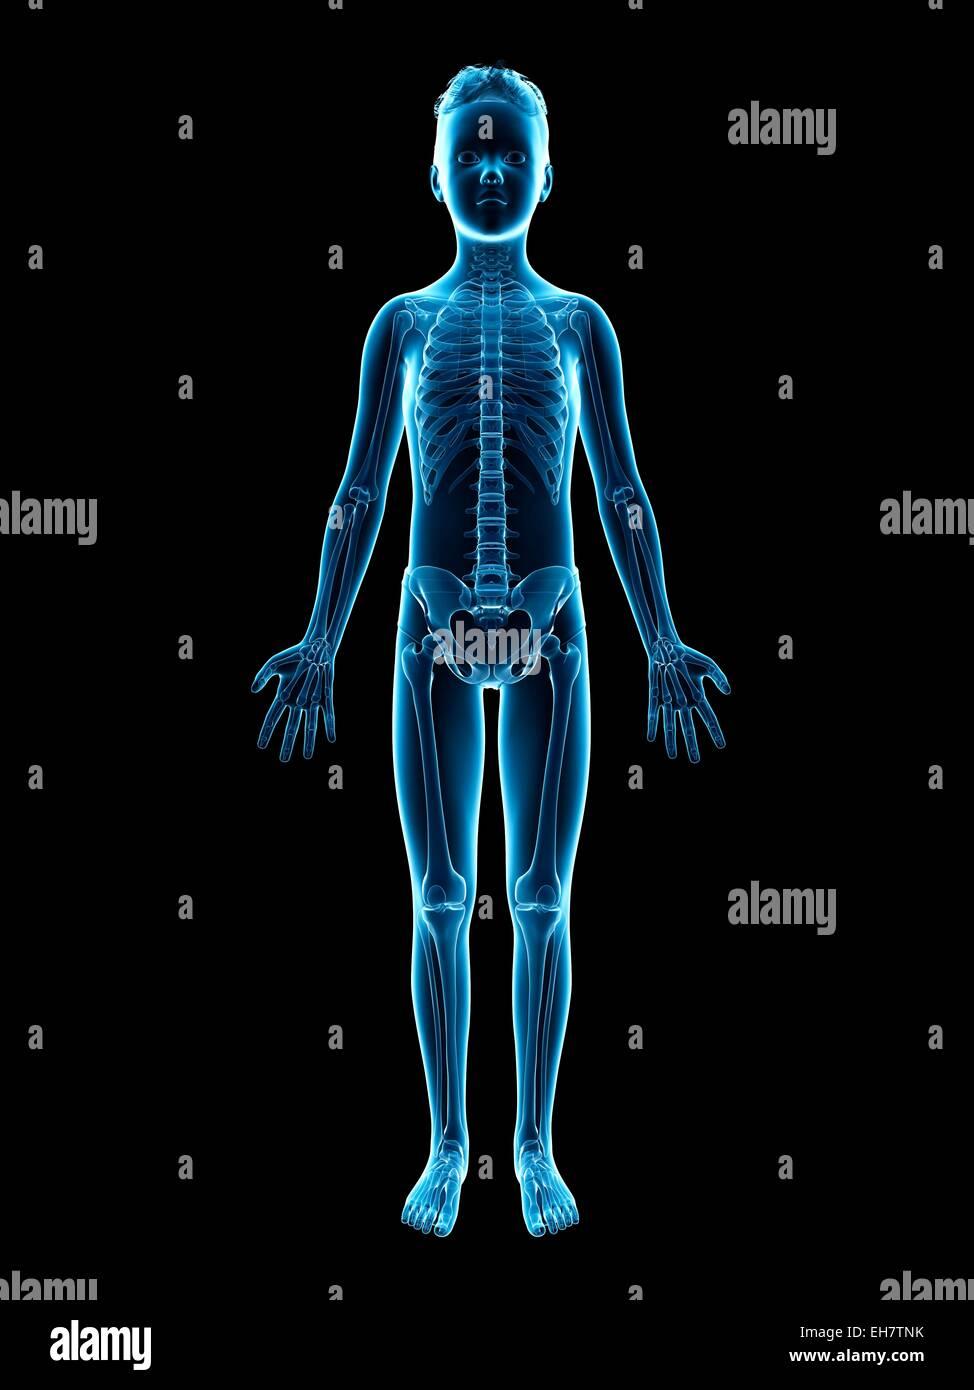 Ausgezeichnet Bild Des Skelettsystems Fotos - Menschliche Anatomie ...